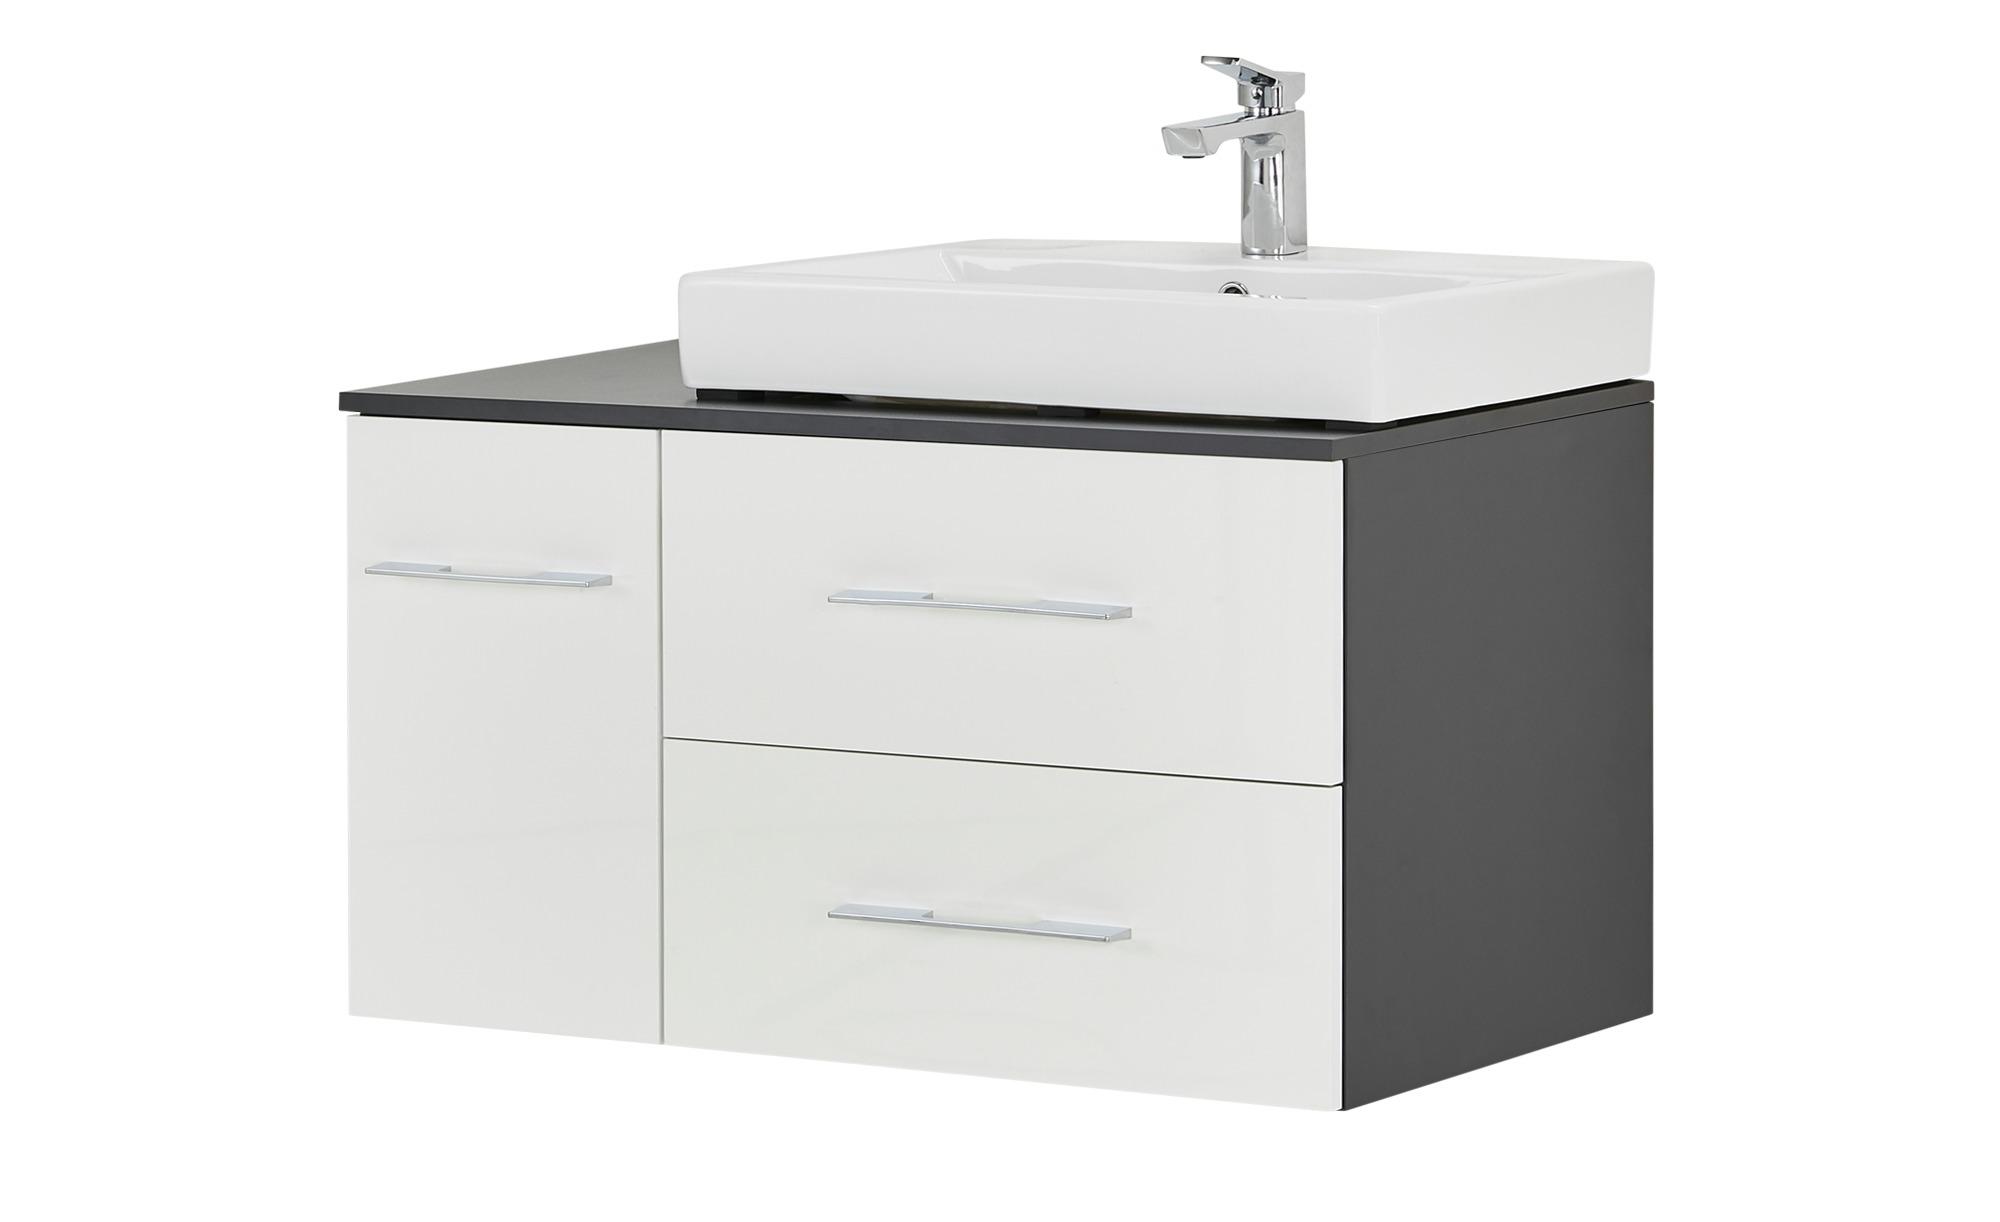 hoeffner Badmöbel-Sets online kaufen   Möbel-Suchmaschine ...